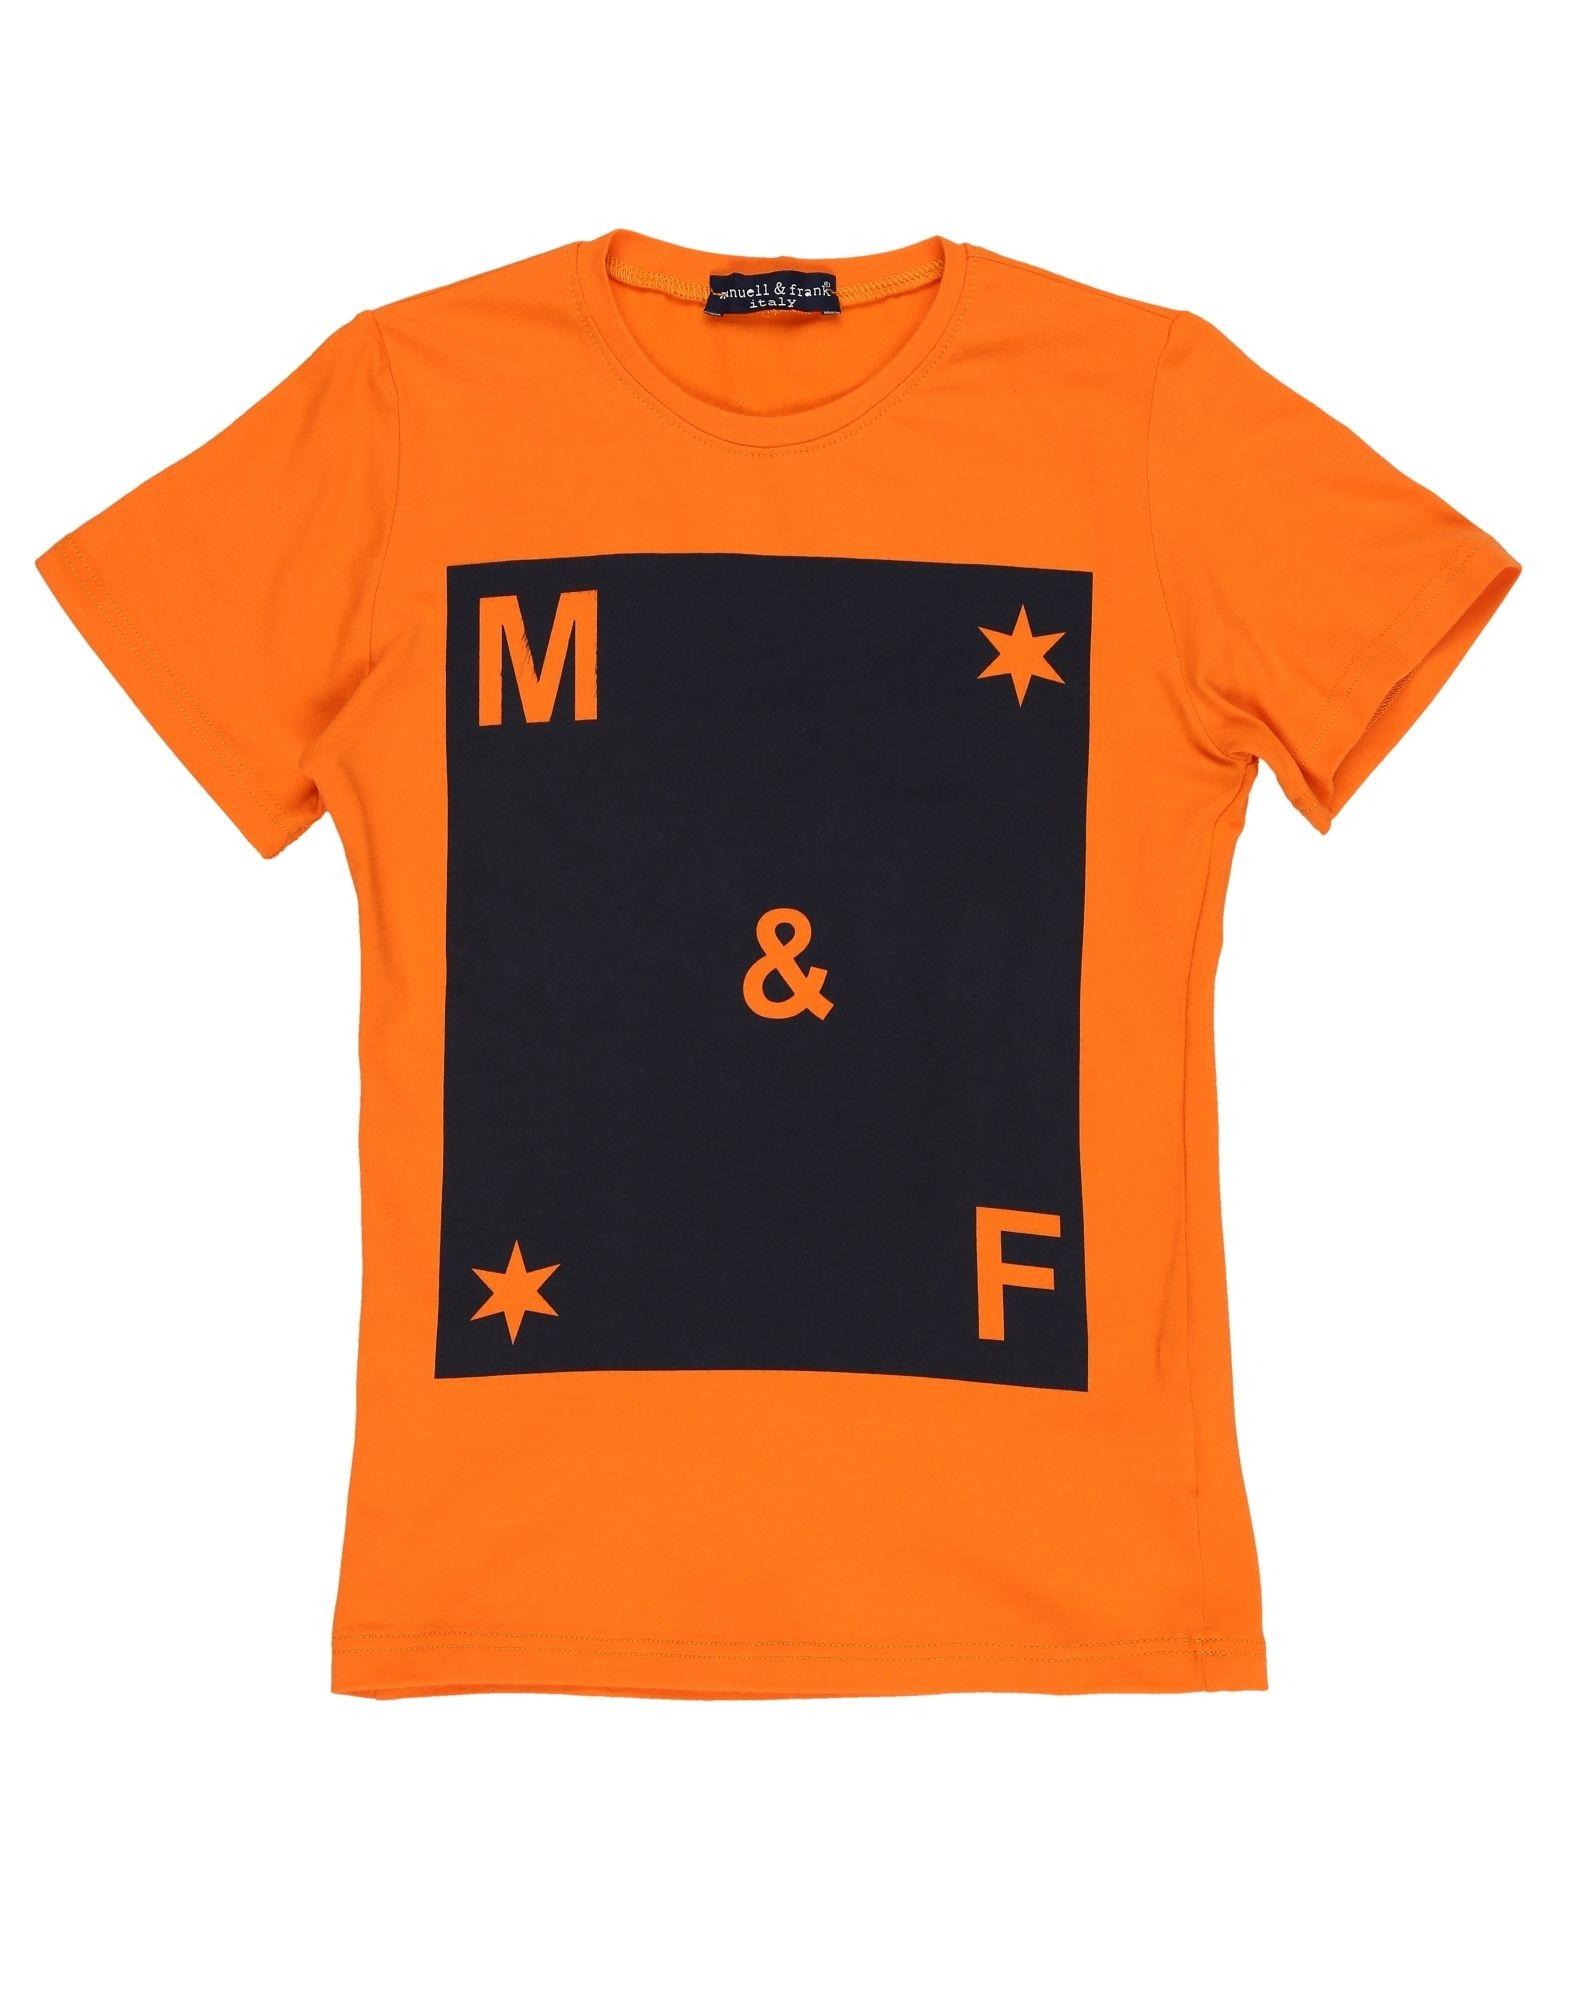 MANUELL & FRANK Jungen 9-16 jahre T-shirts Farbe Orange Größe 10